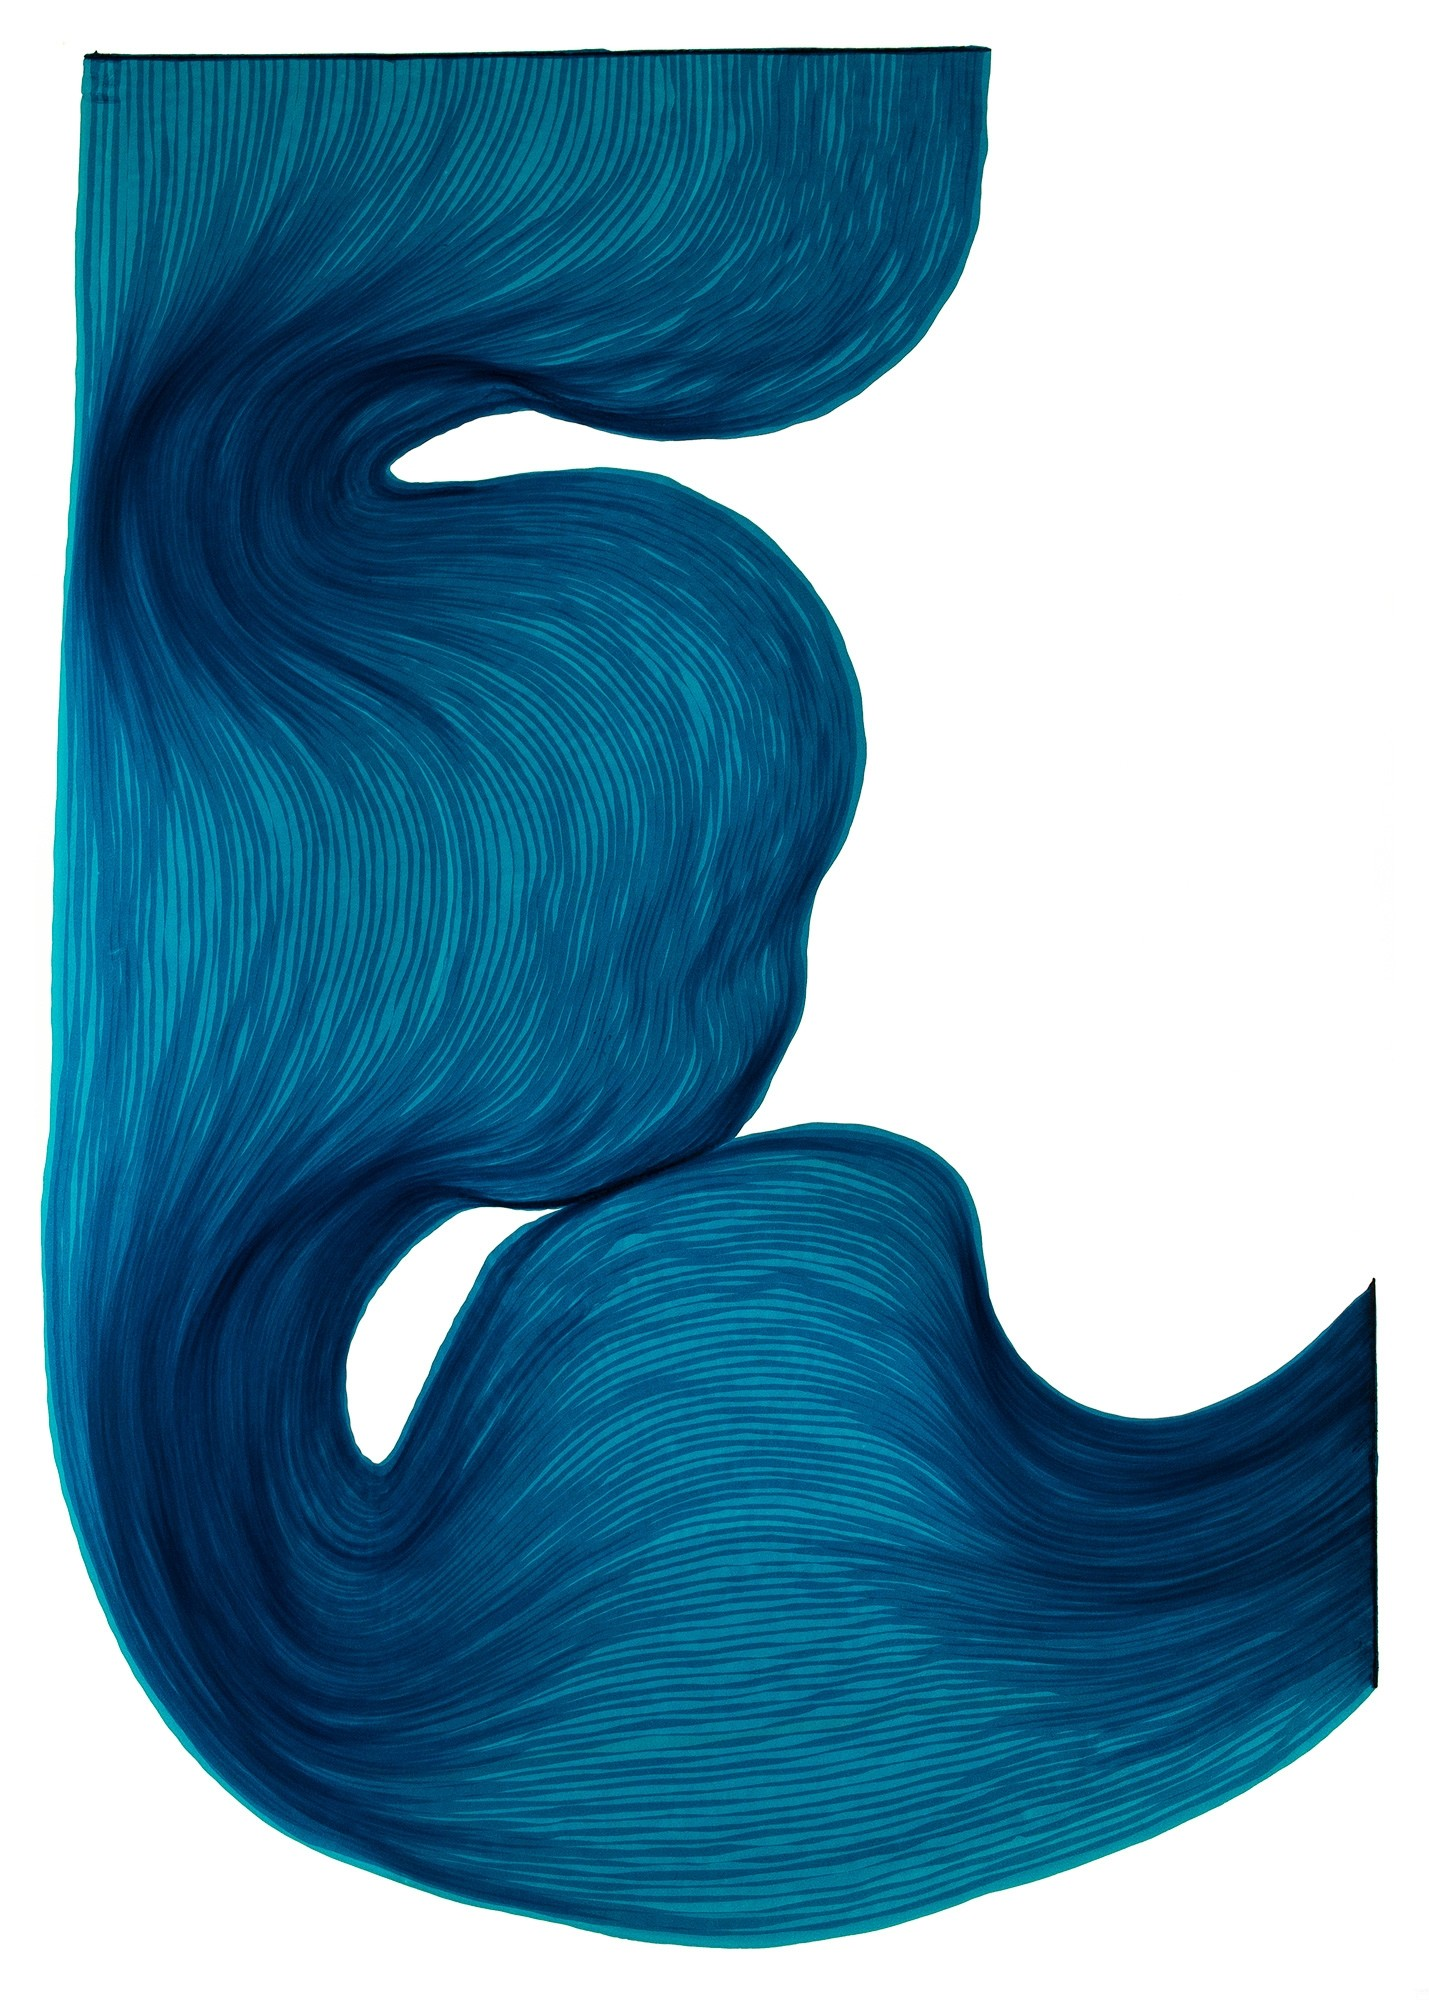 Rich Blue | Lali Torma | Zeichnung | Kalligraphietusche auf Papier